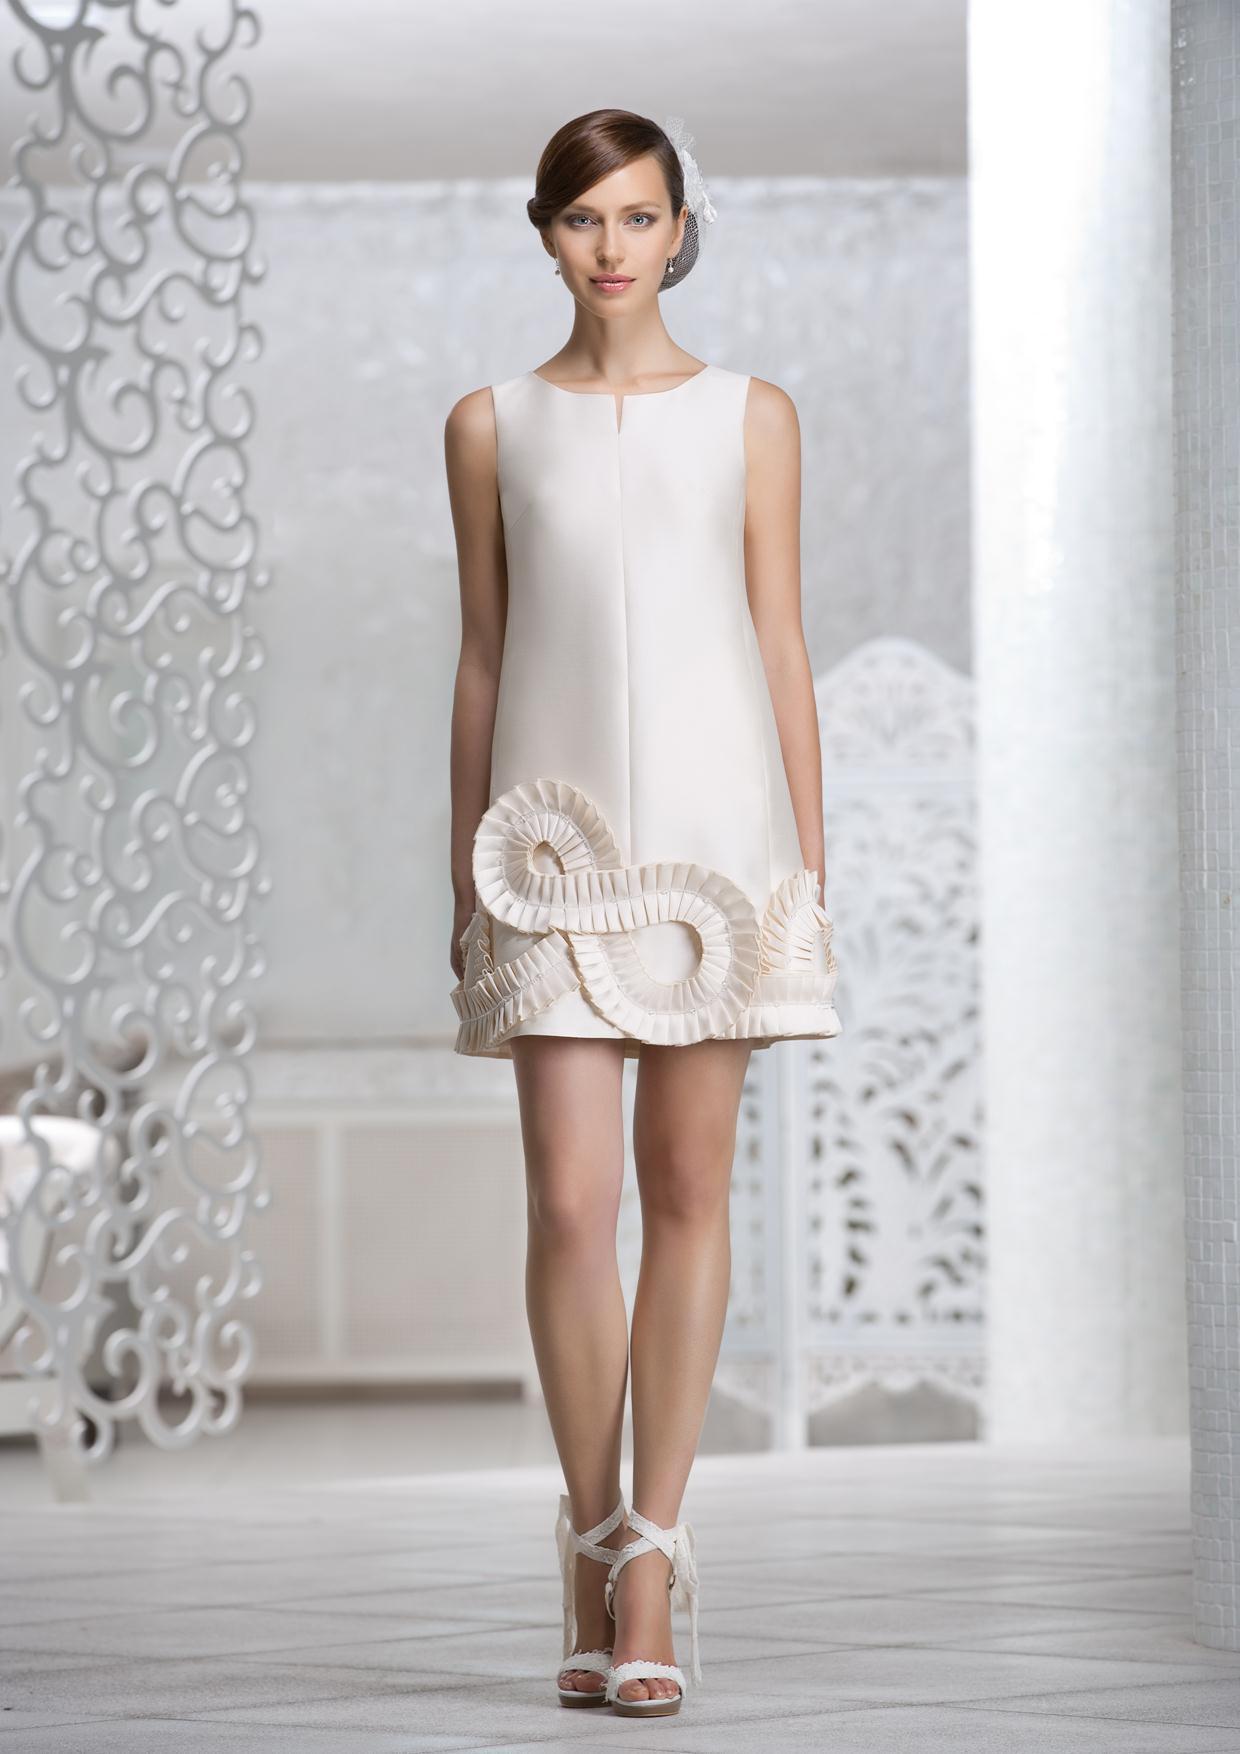 Картинки по запросу Платье, которое прилипает к спине